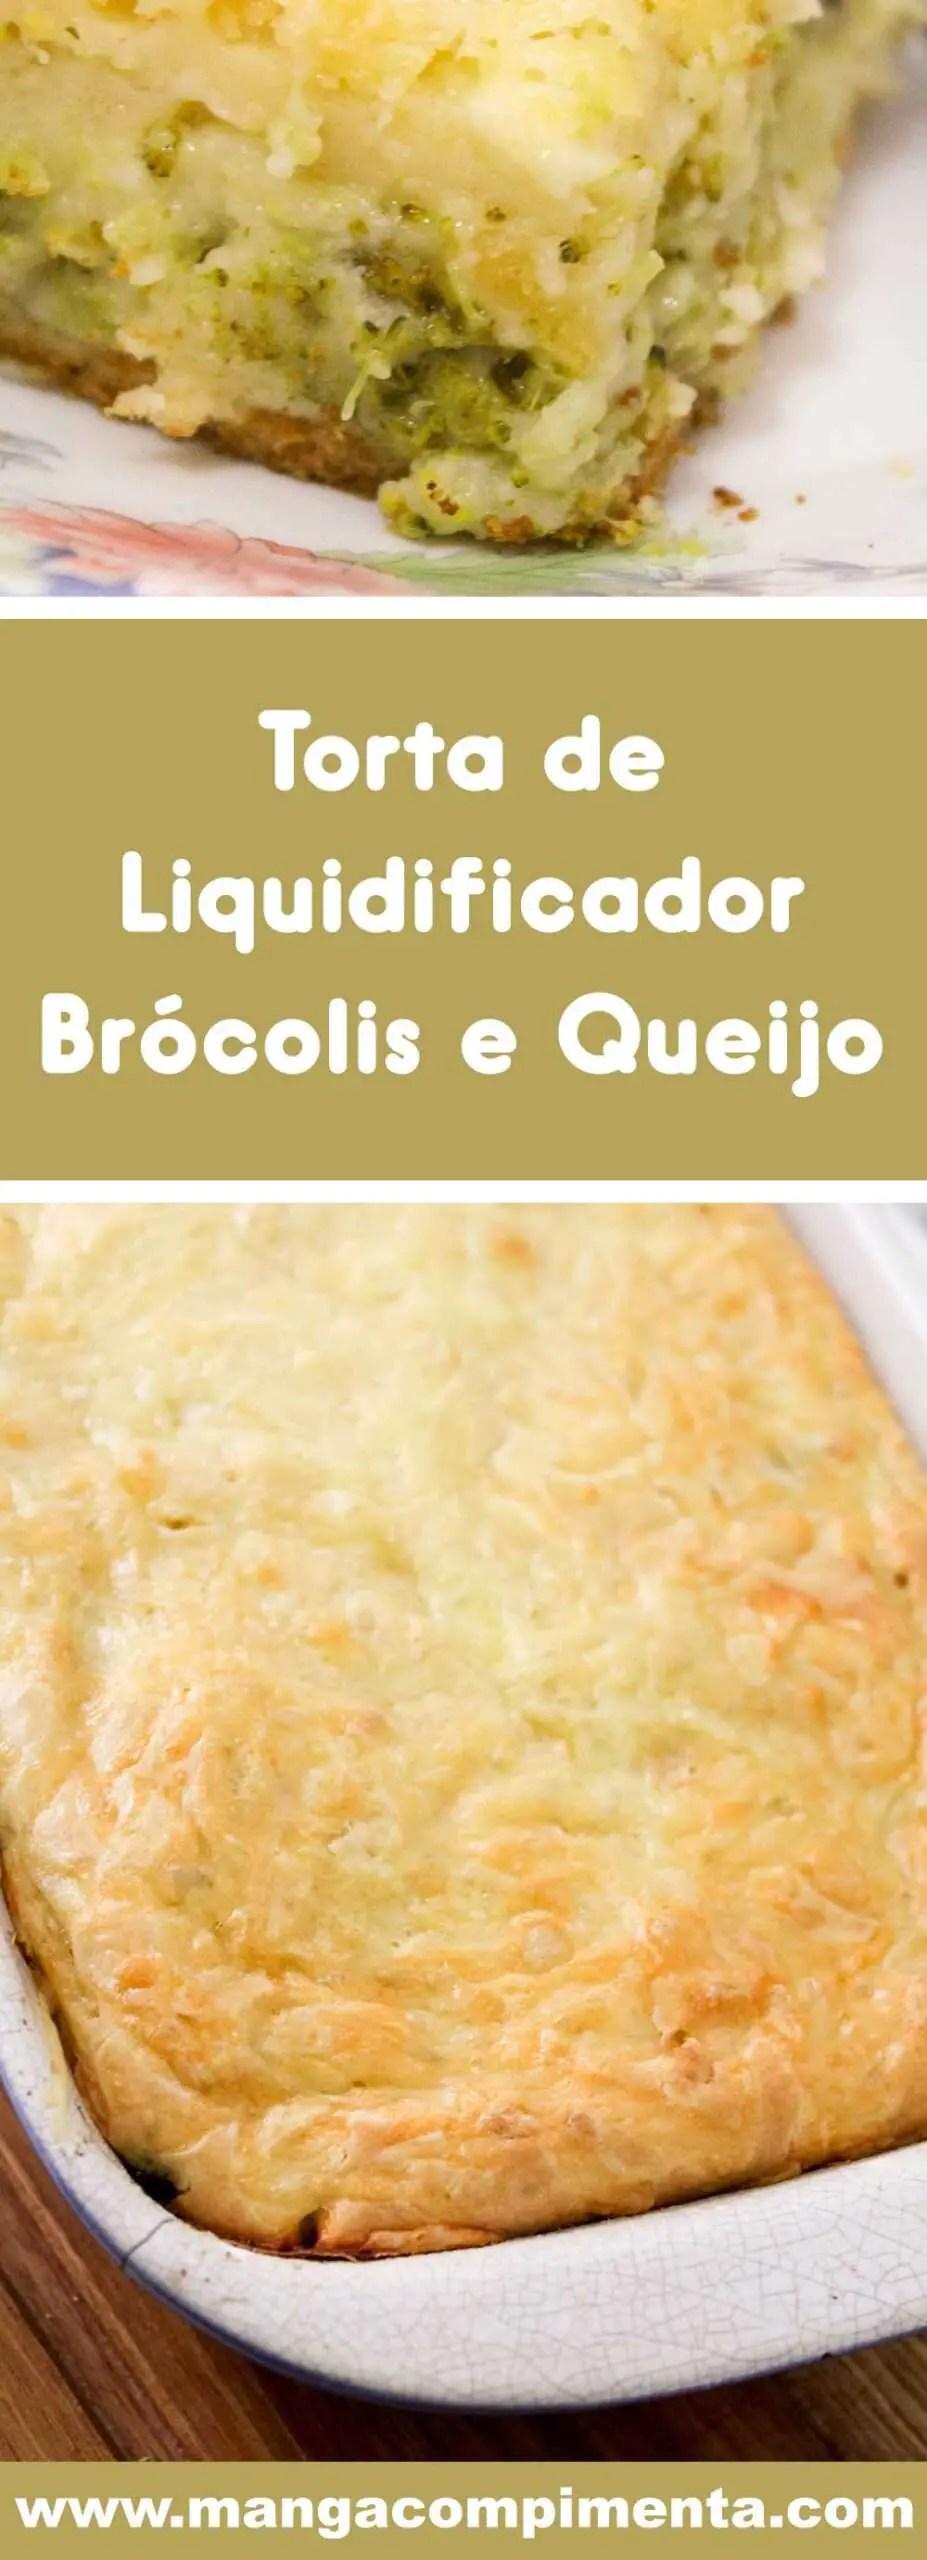 Receita de Torta de Liquidificador Brócolis e Queijo - prato simples e fácil de preparar para o almoço da semana.